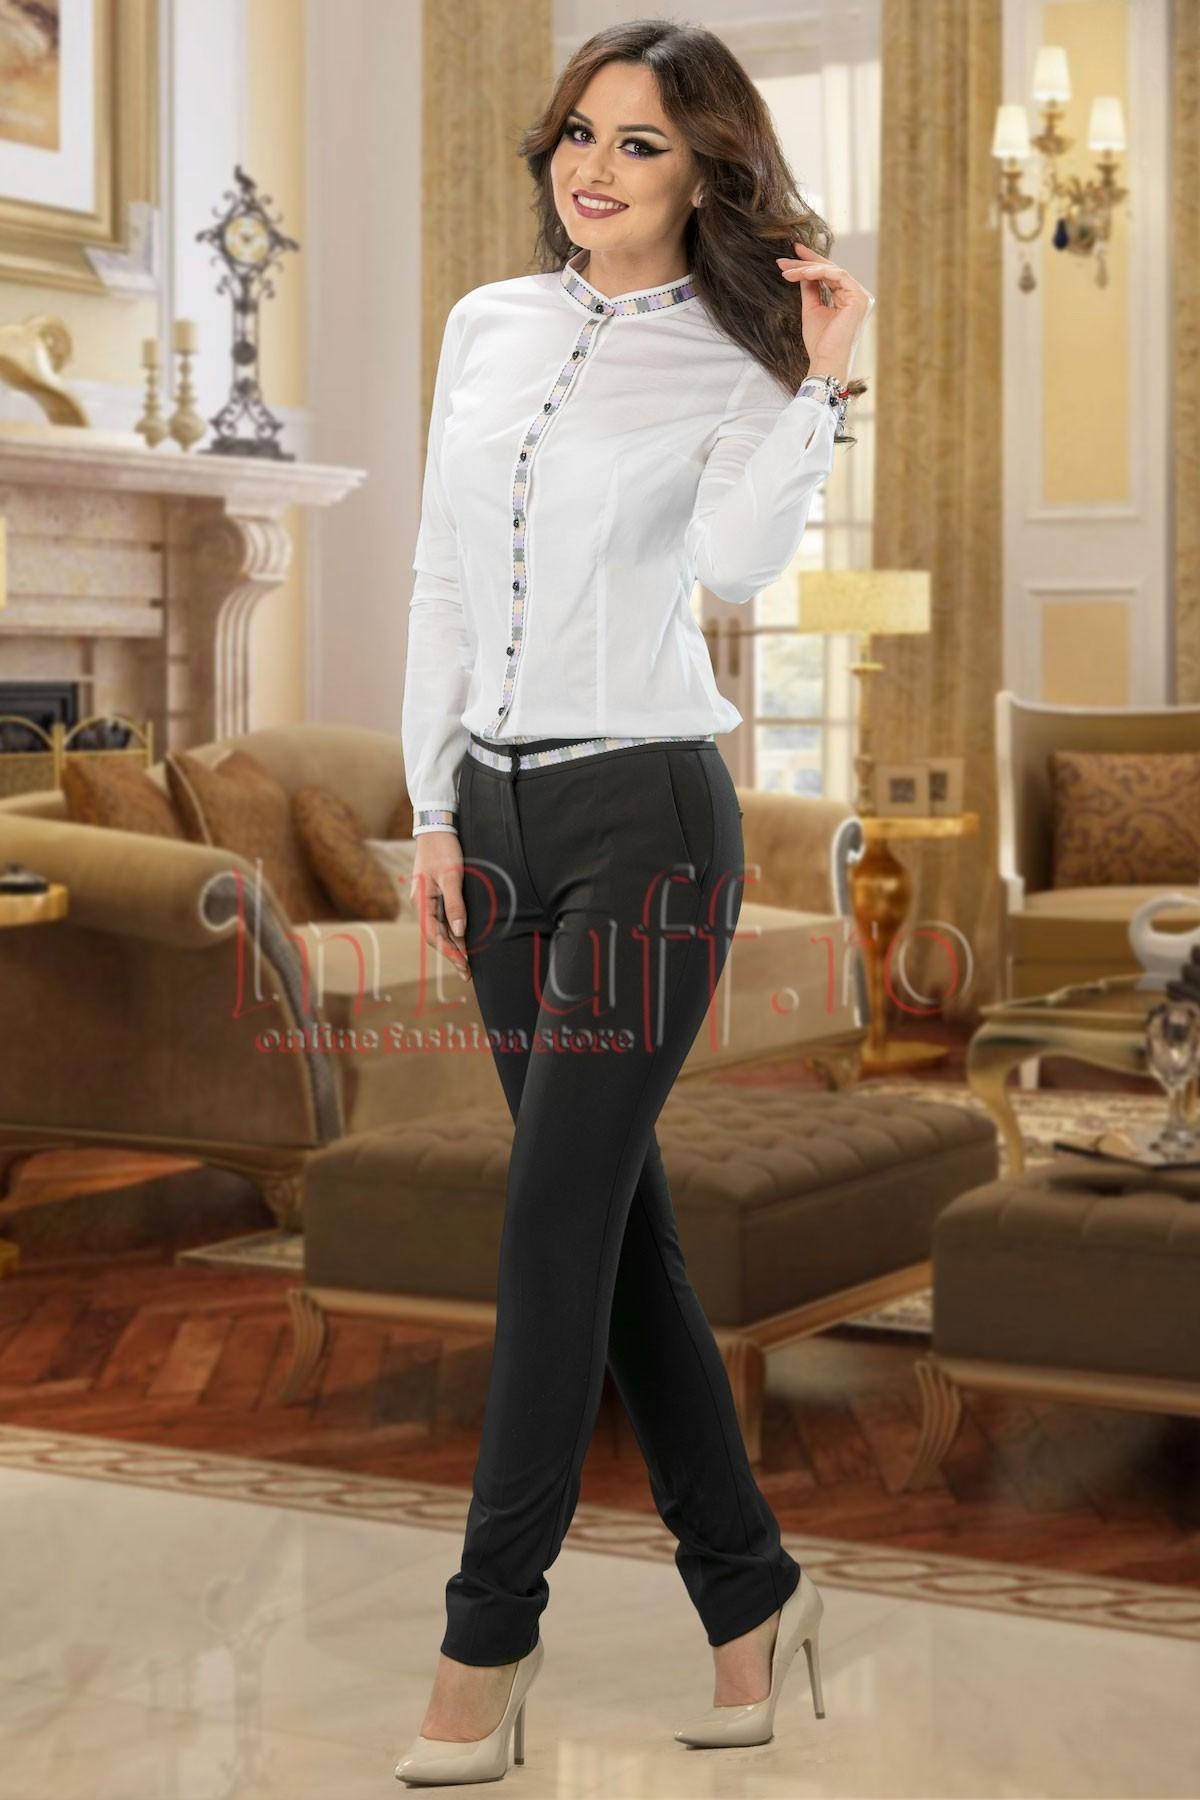 Pantaloni negri dama cu banda colorata in talie